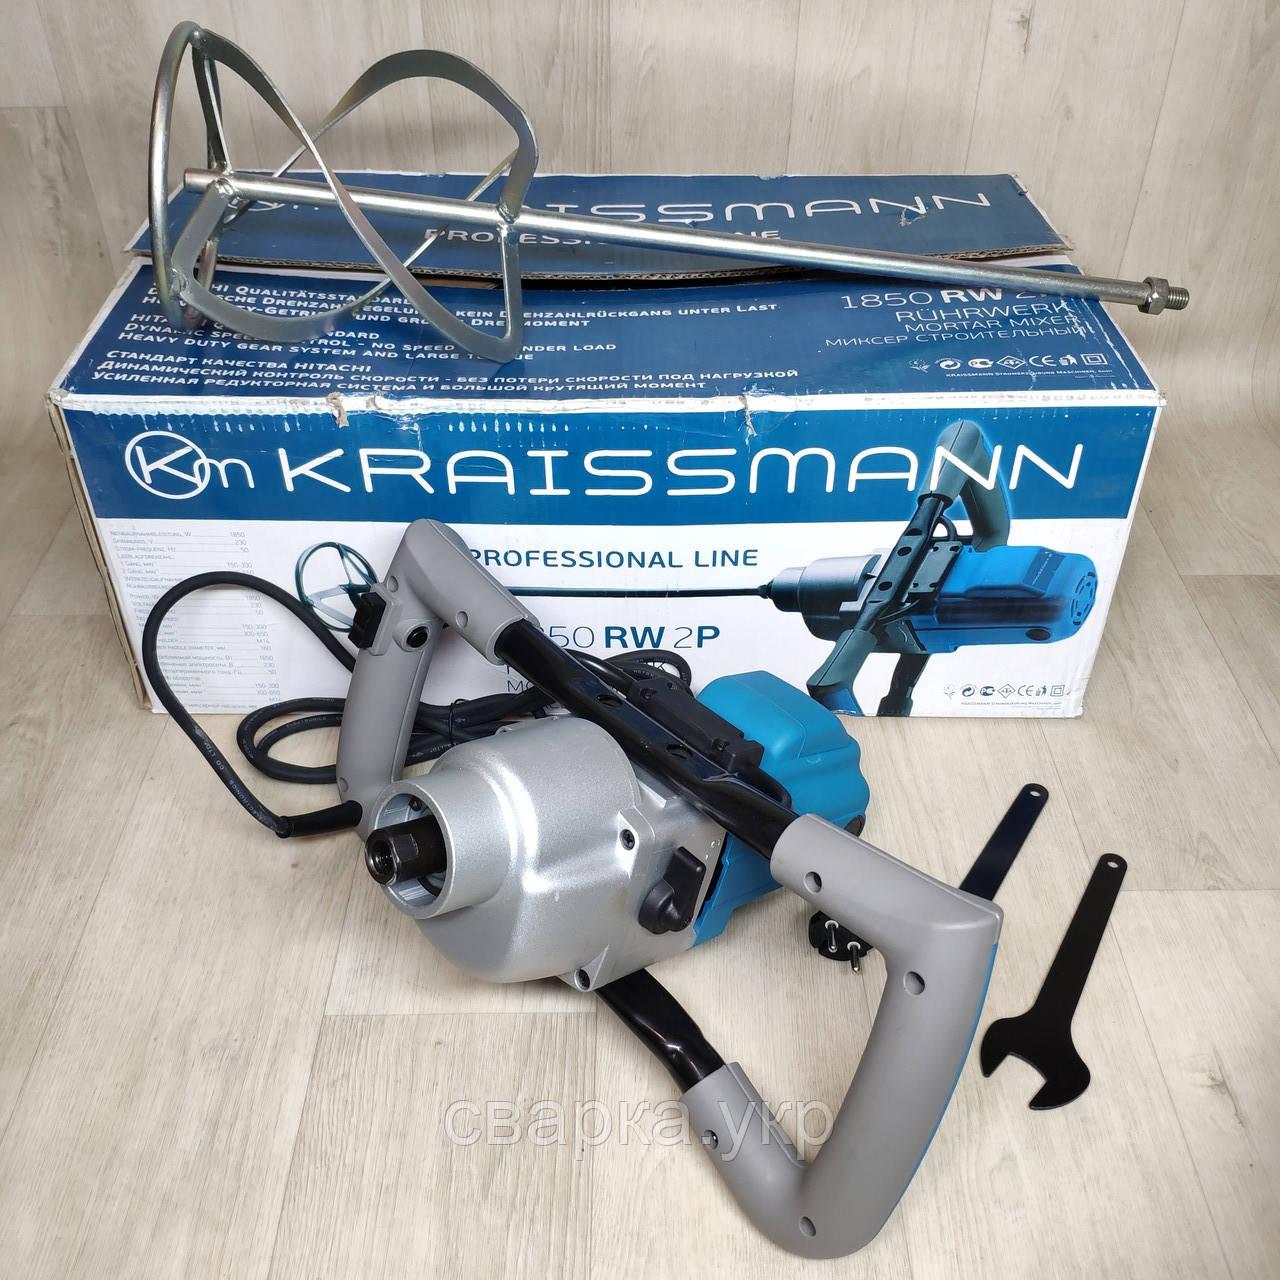 Строительный миксер Kraissmann 1850 RW 2P2х скоростной, плавный пуск,